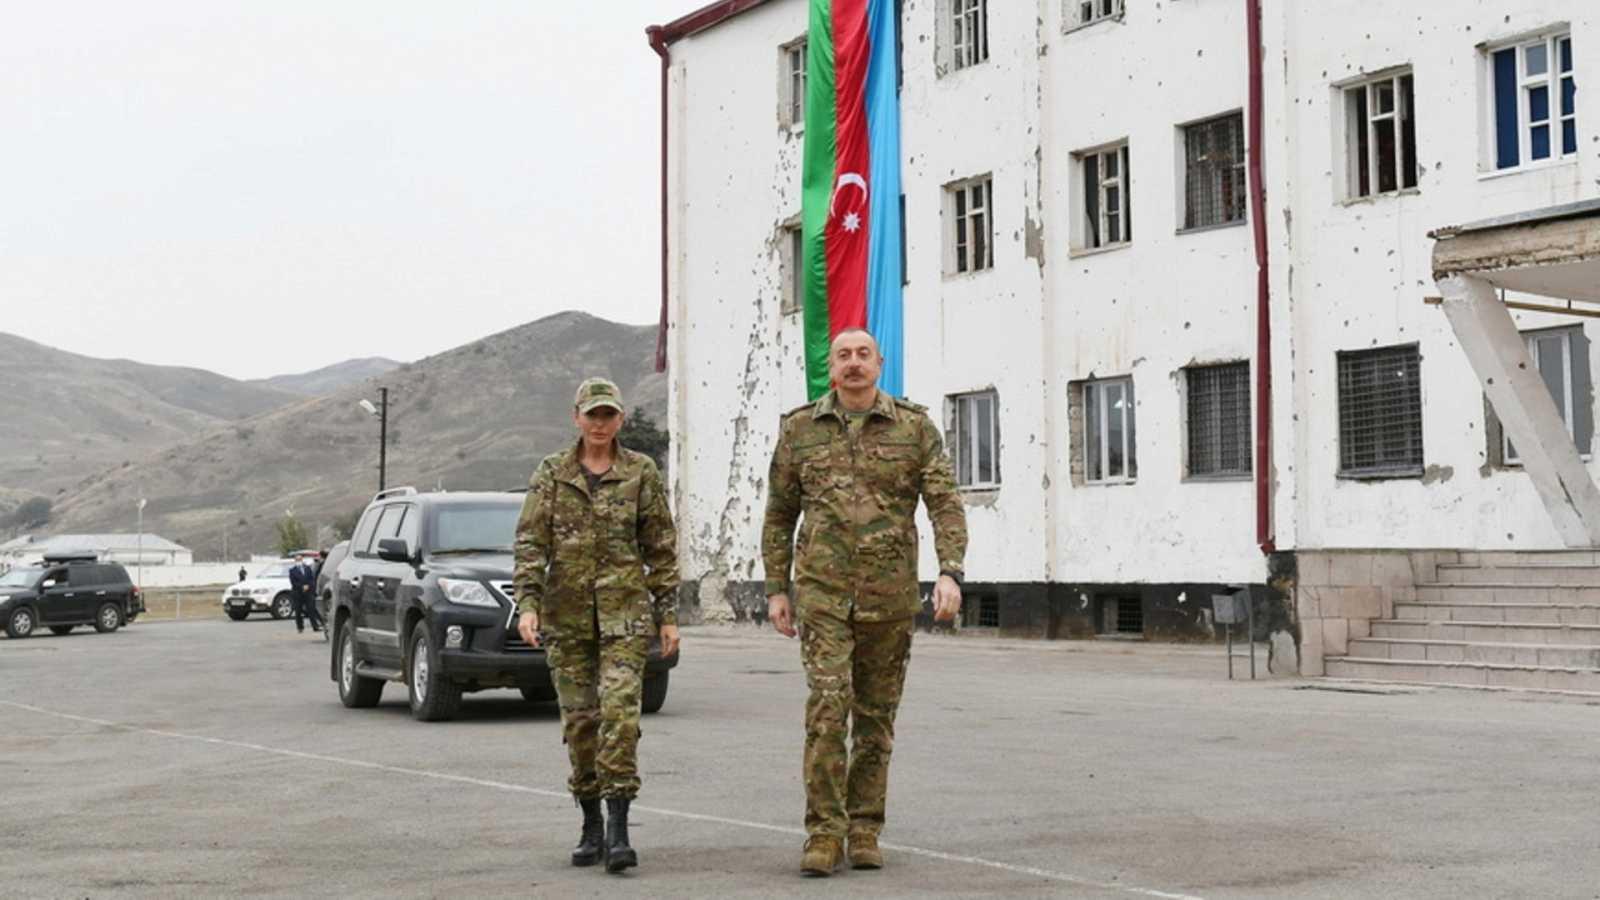 Cinco continentes - Azerbaiyán: el reto de la paz - Escuchar la paz